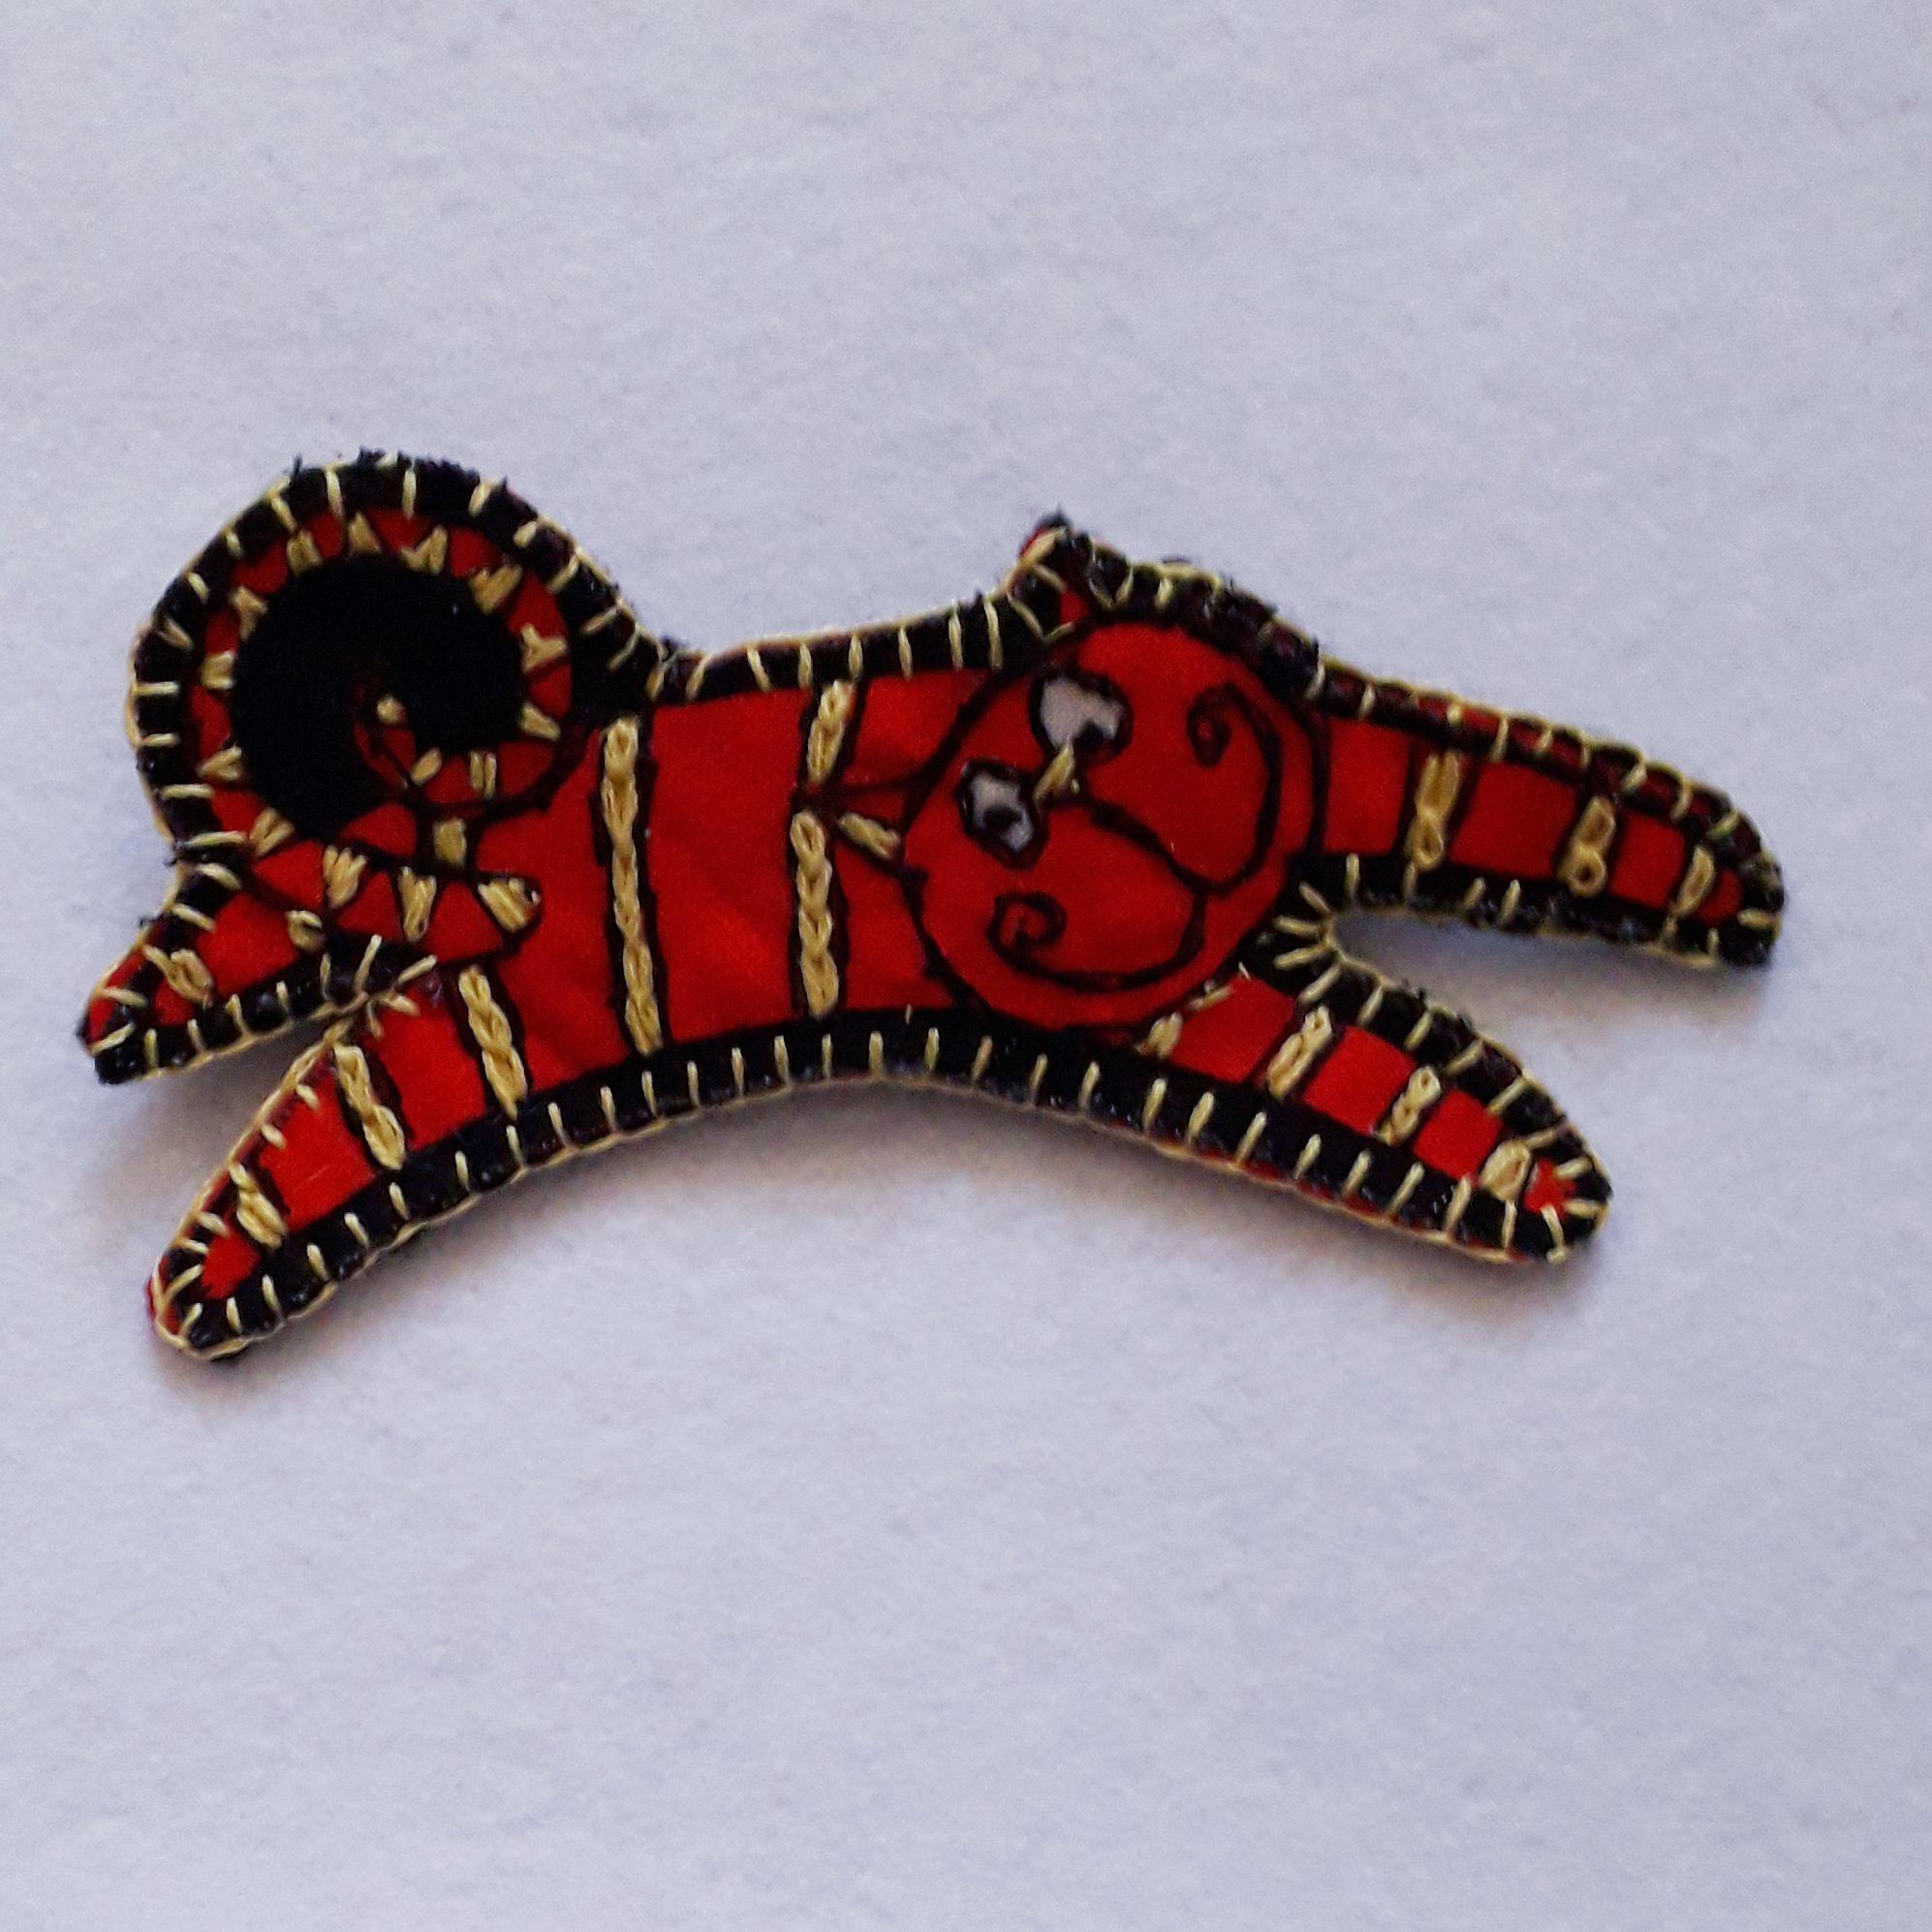 Red Cat Brooch 1